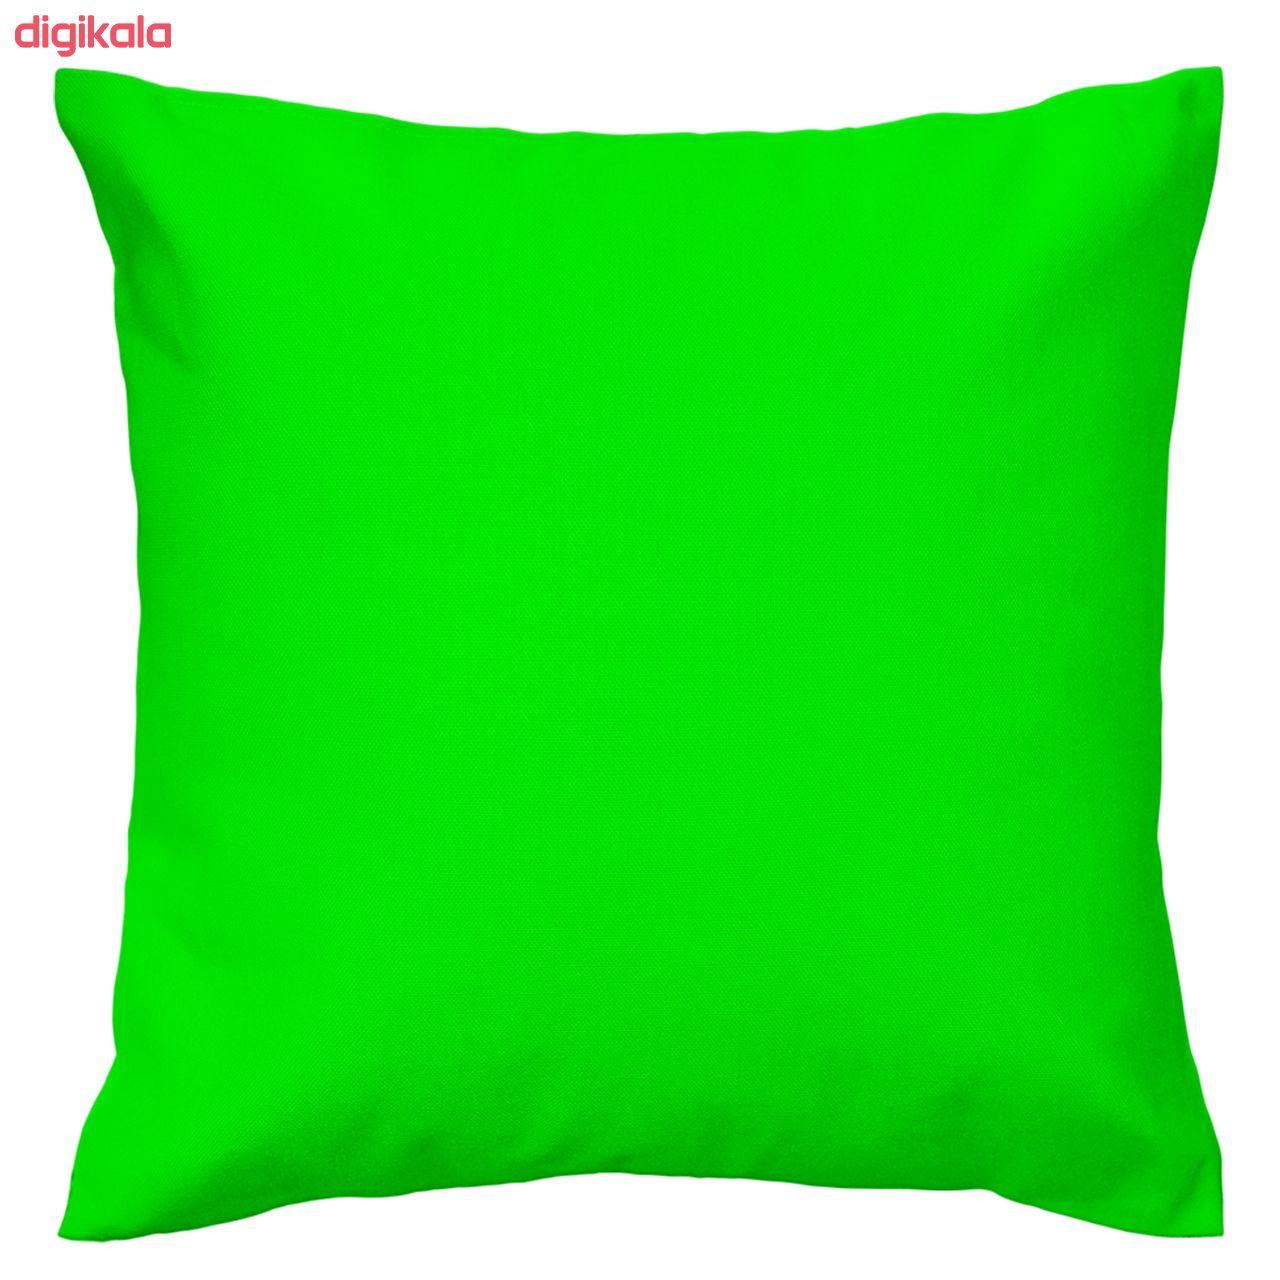 کاور کوسن طرح رنگ کد co513 main 1 3